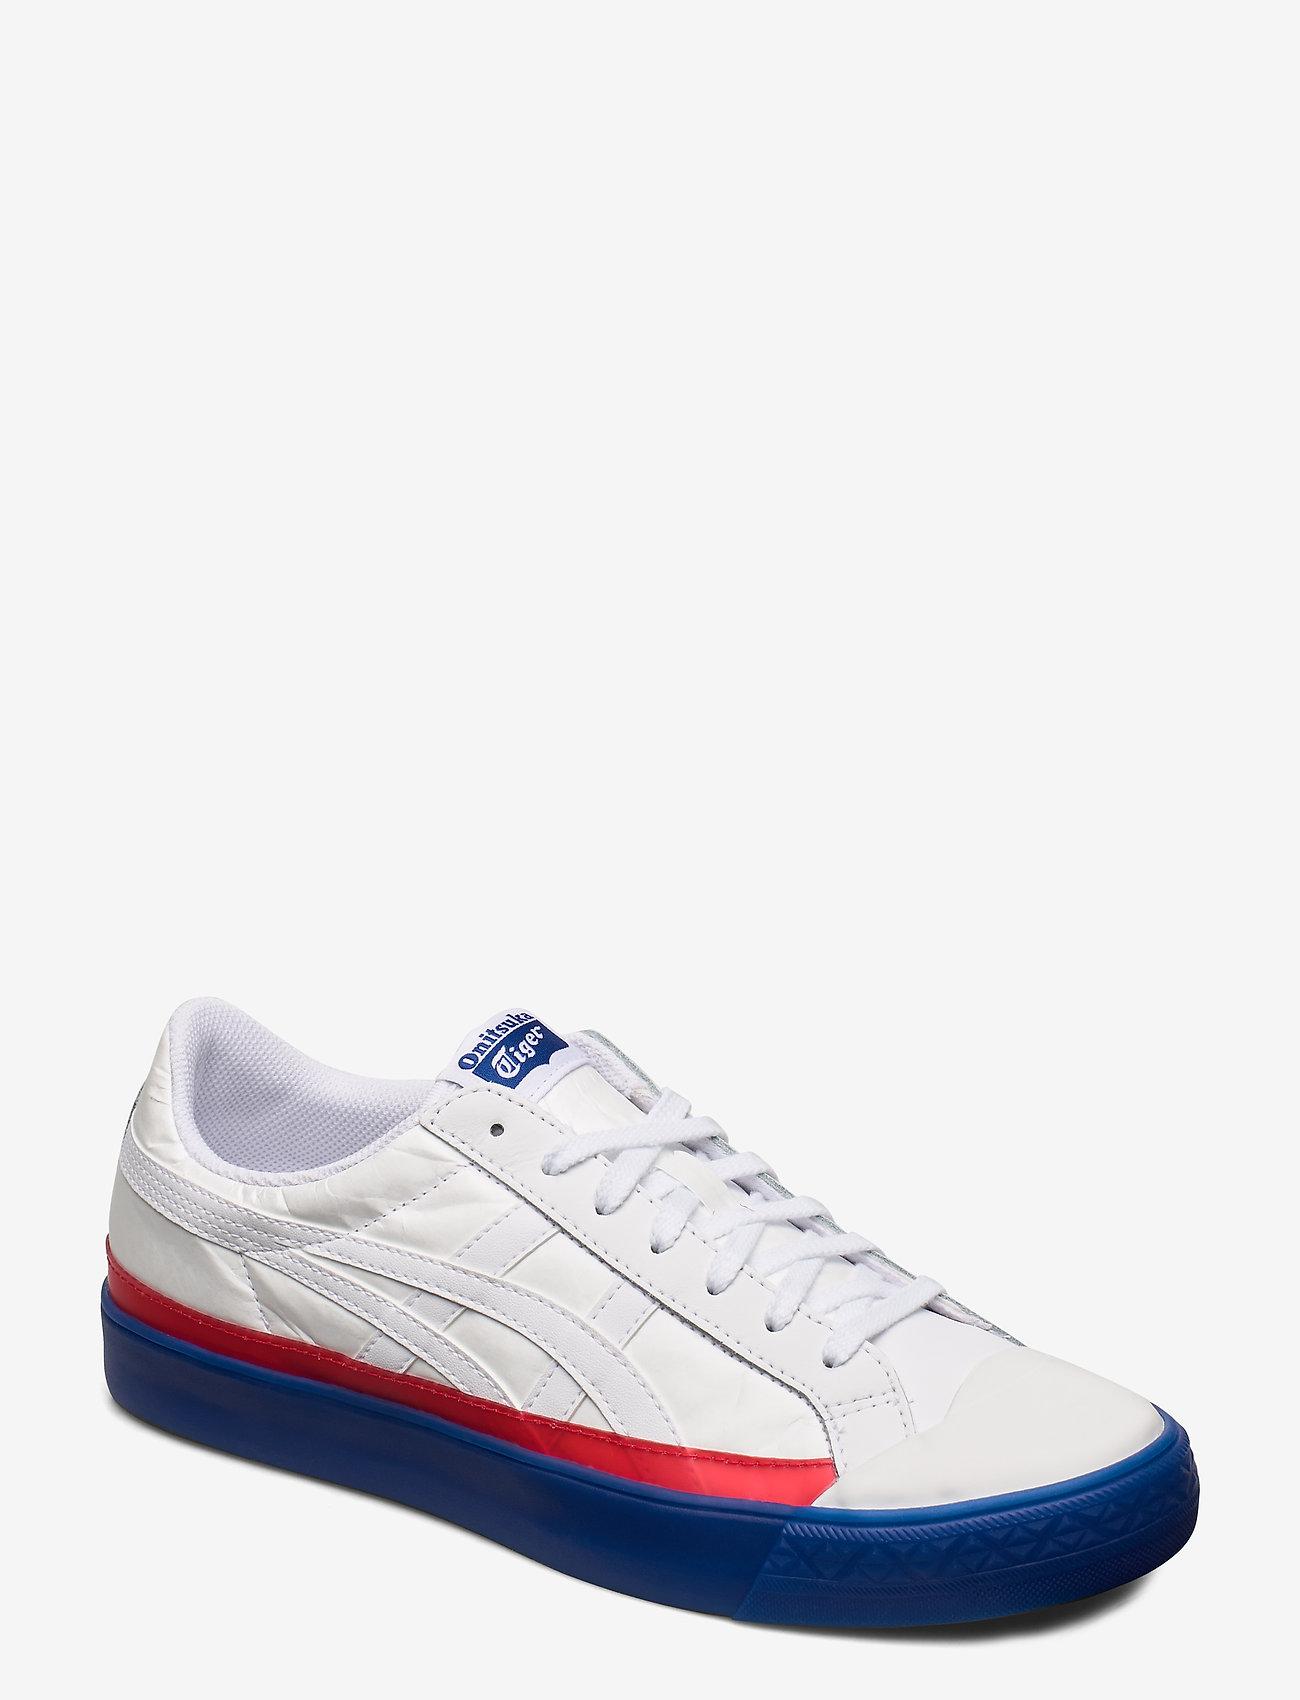 Fabre Classic Lo (White/white) (70